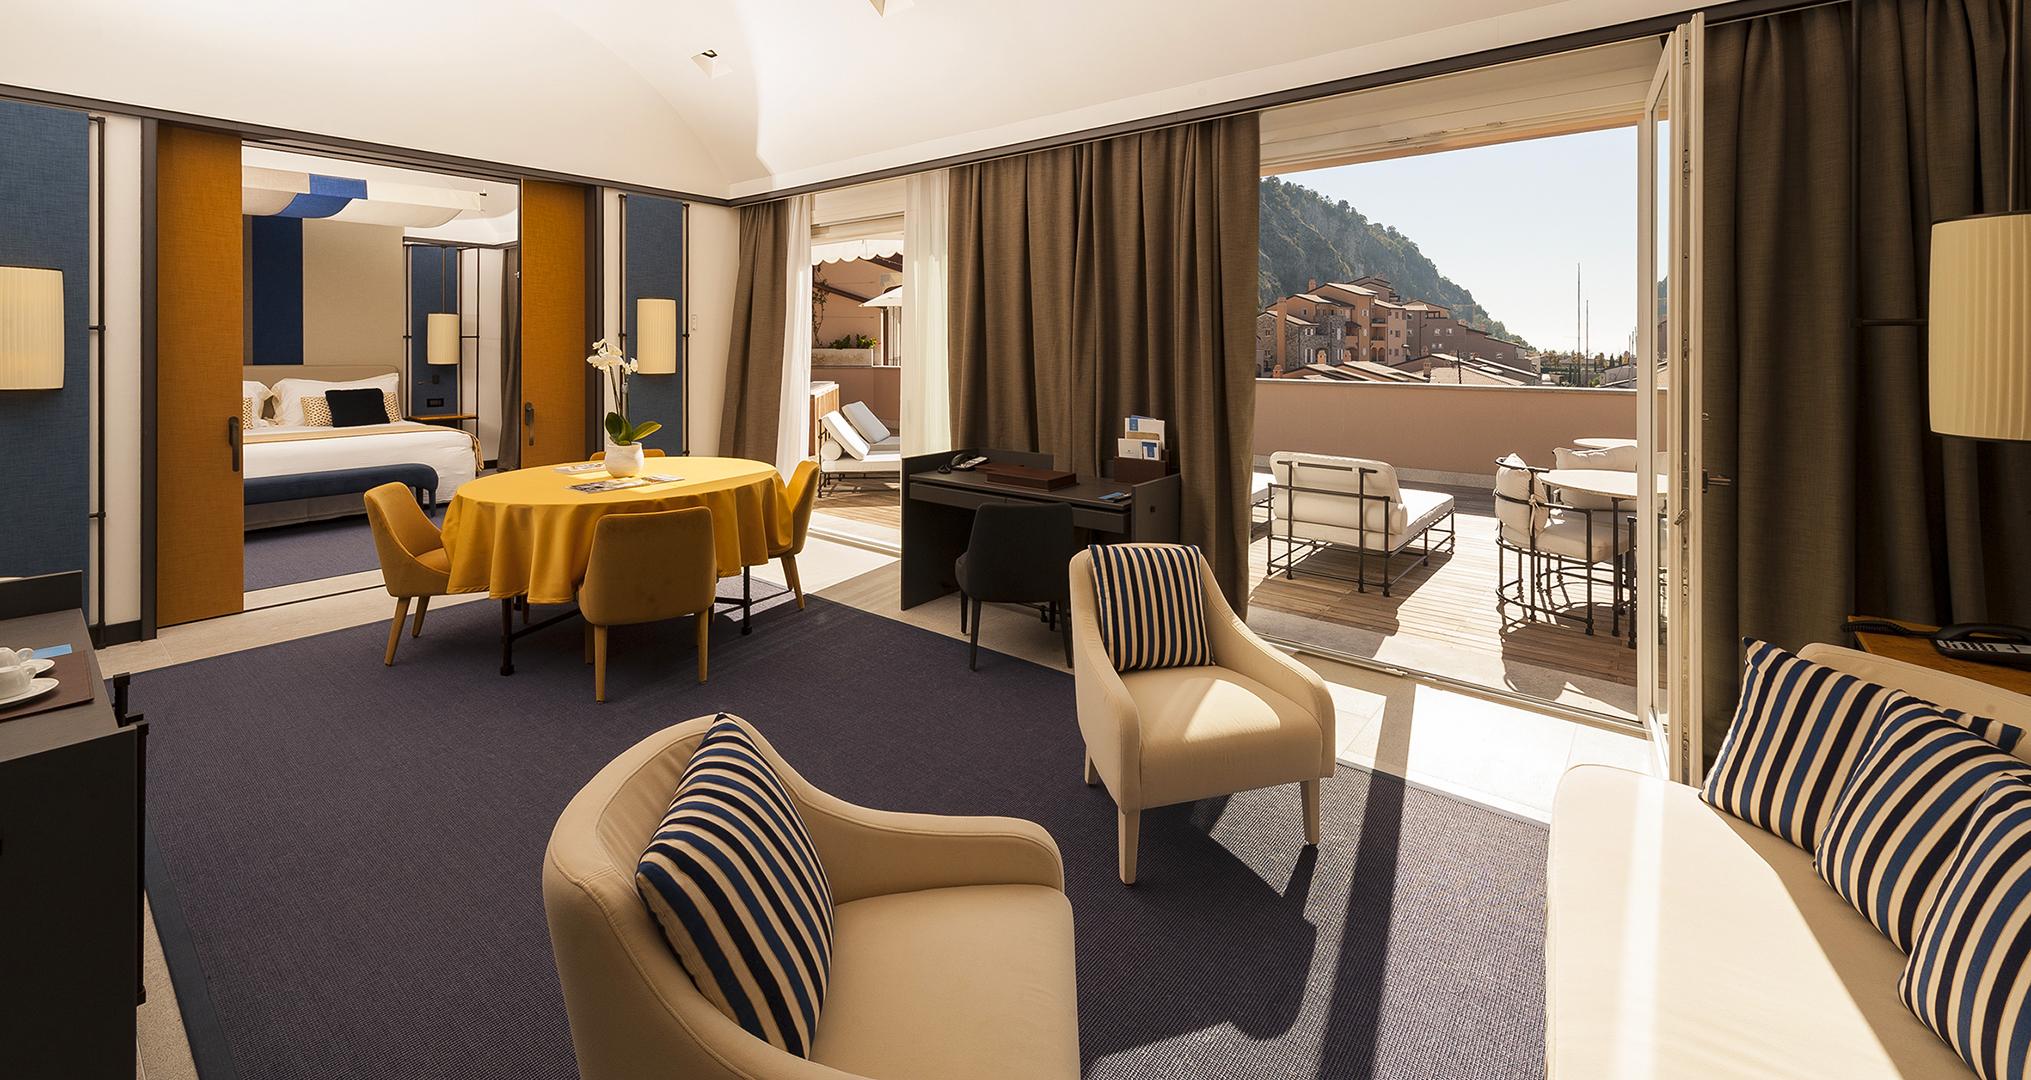 Vajenti foto hotel 227